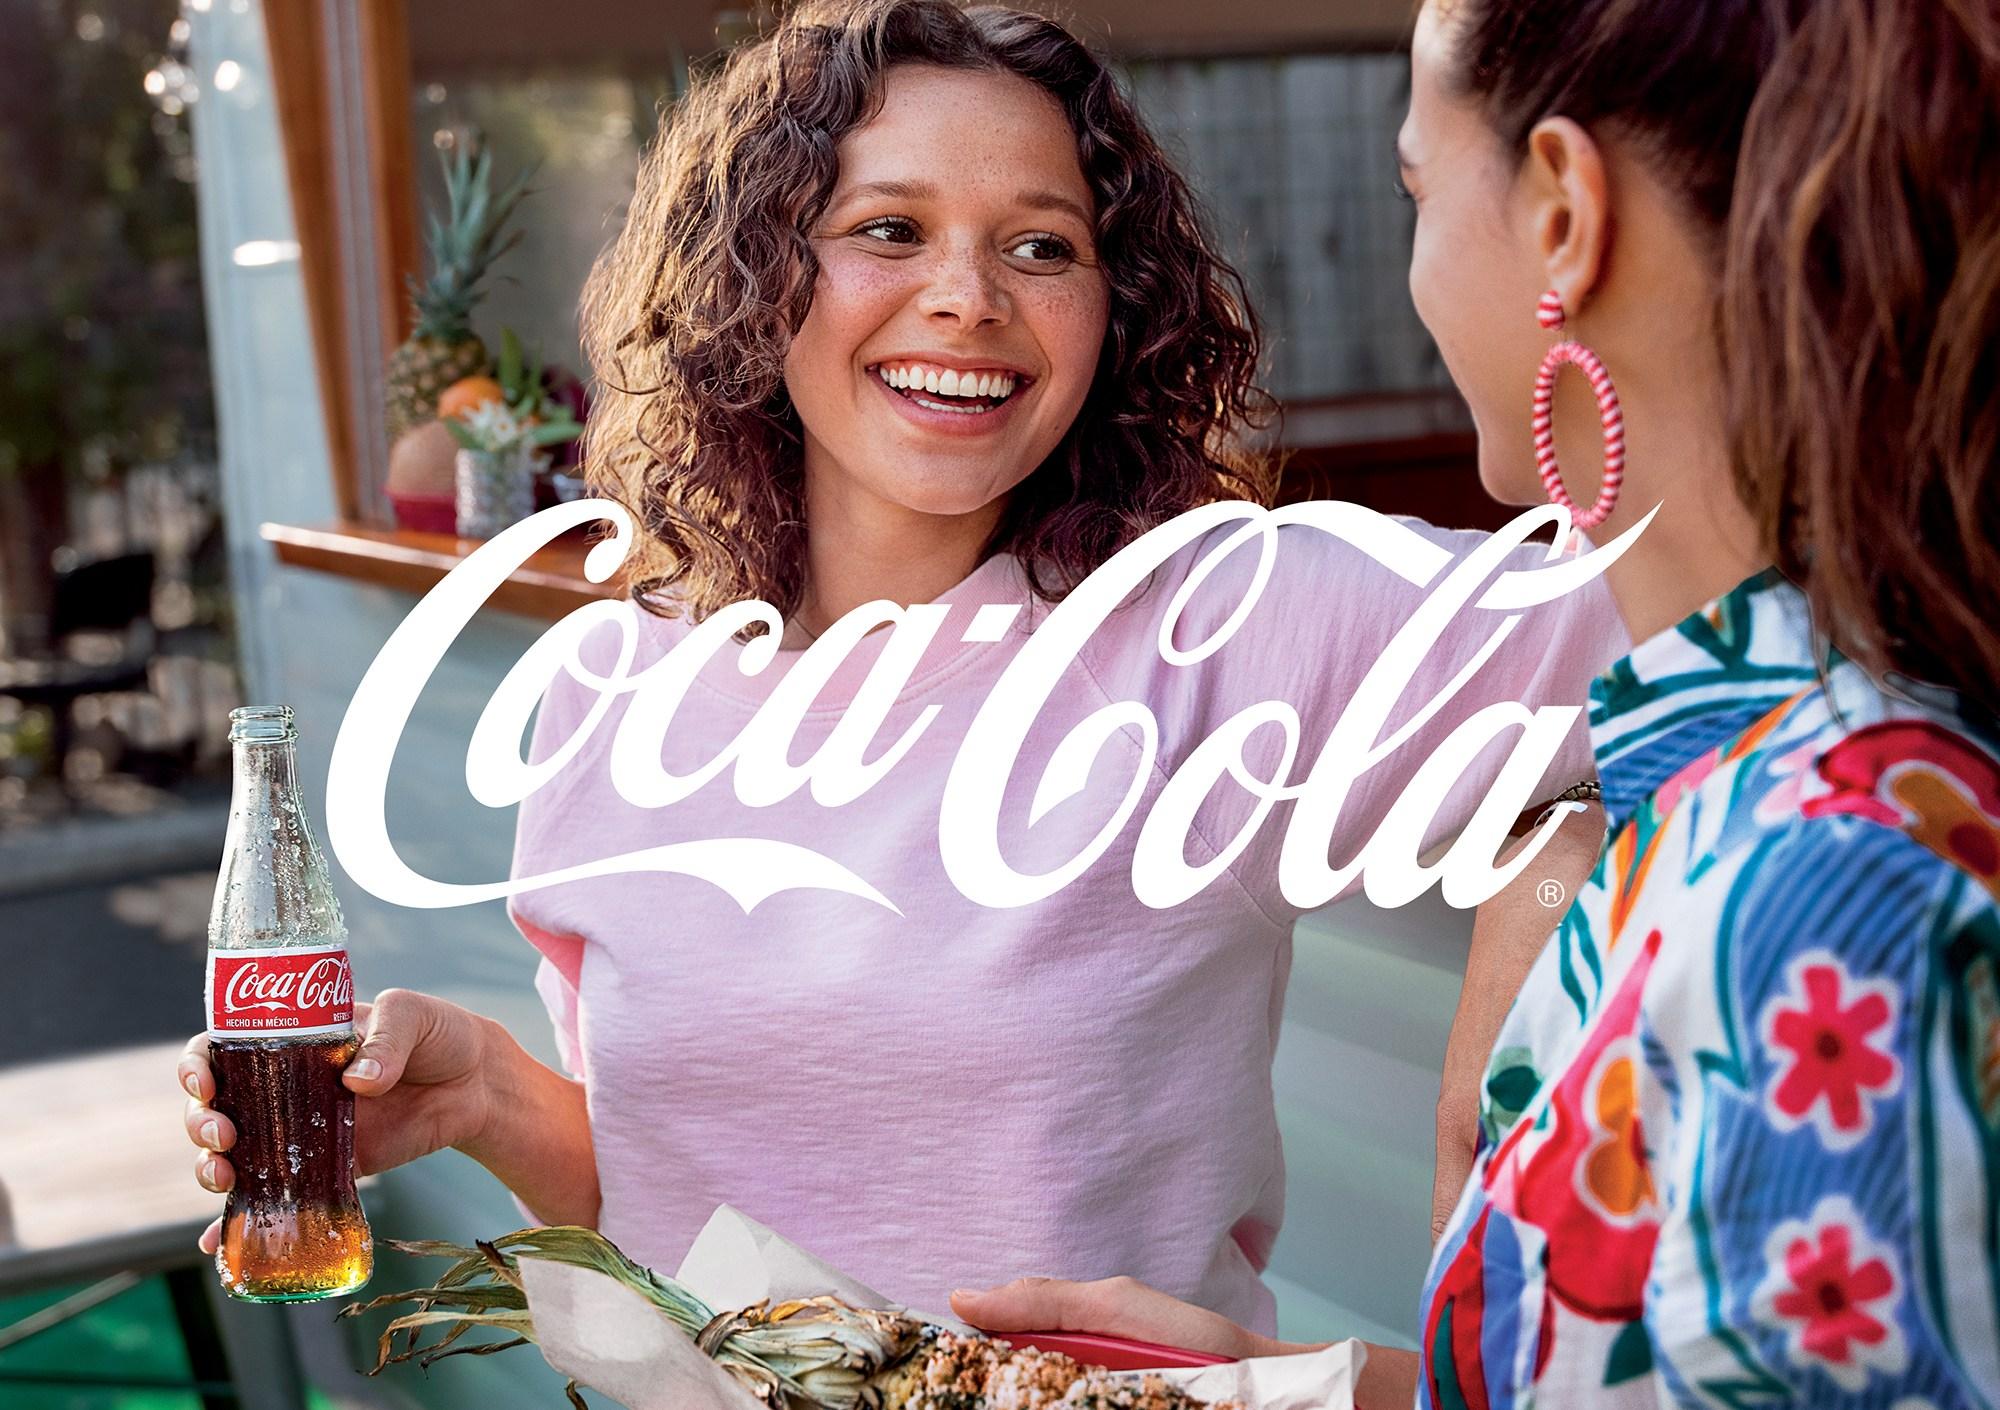 Cindy Coca cola 3.jpg